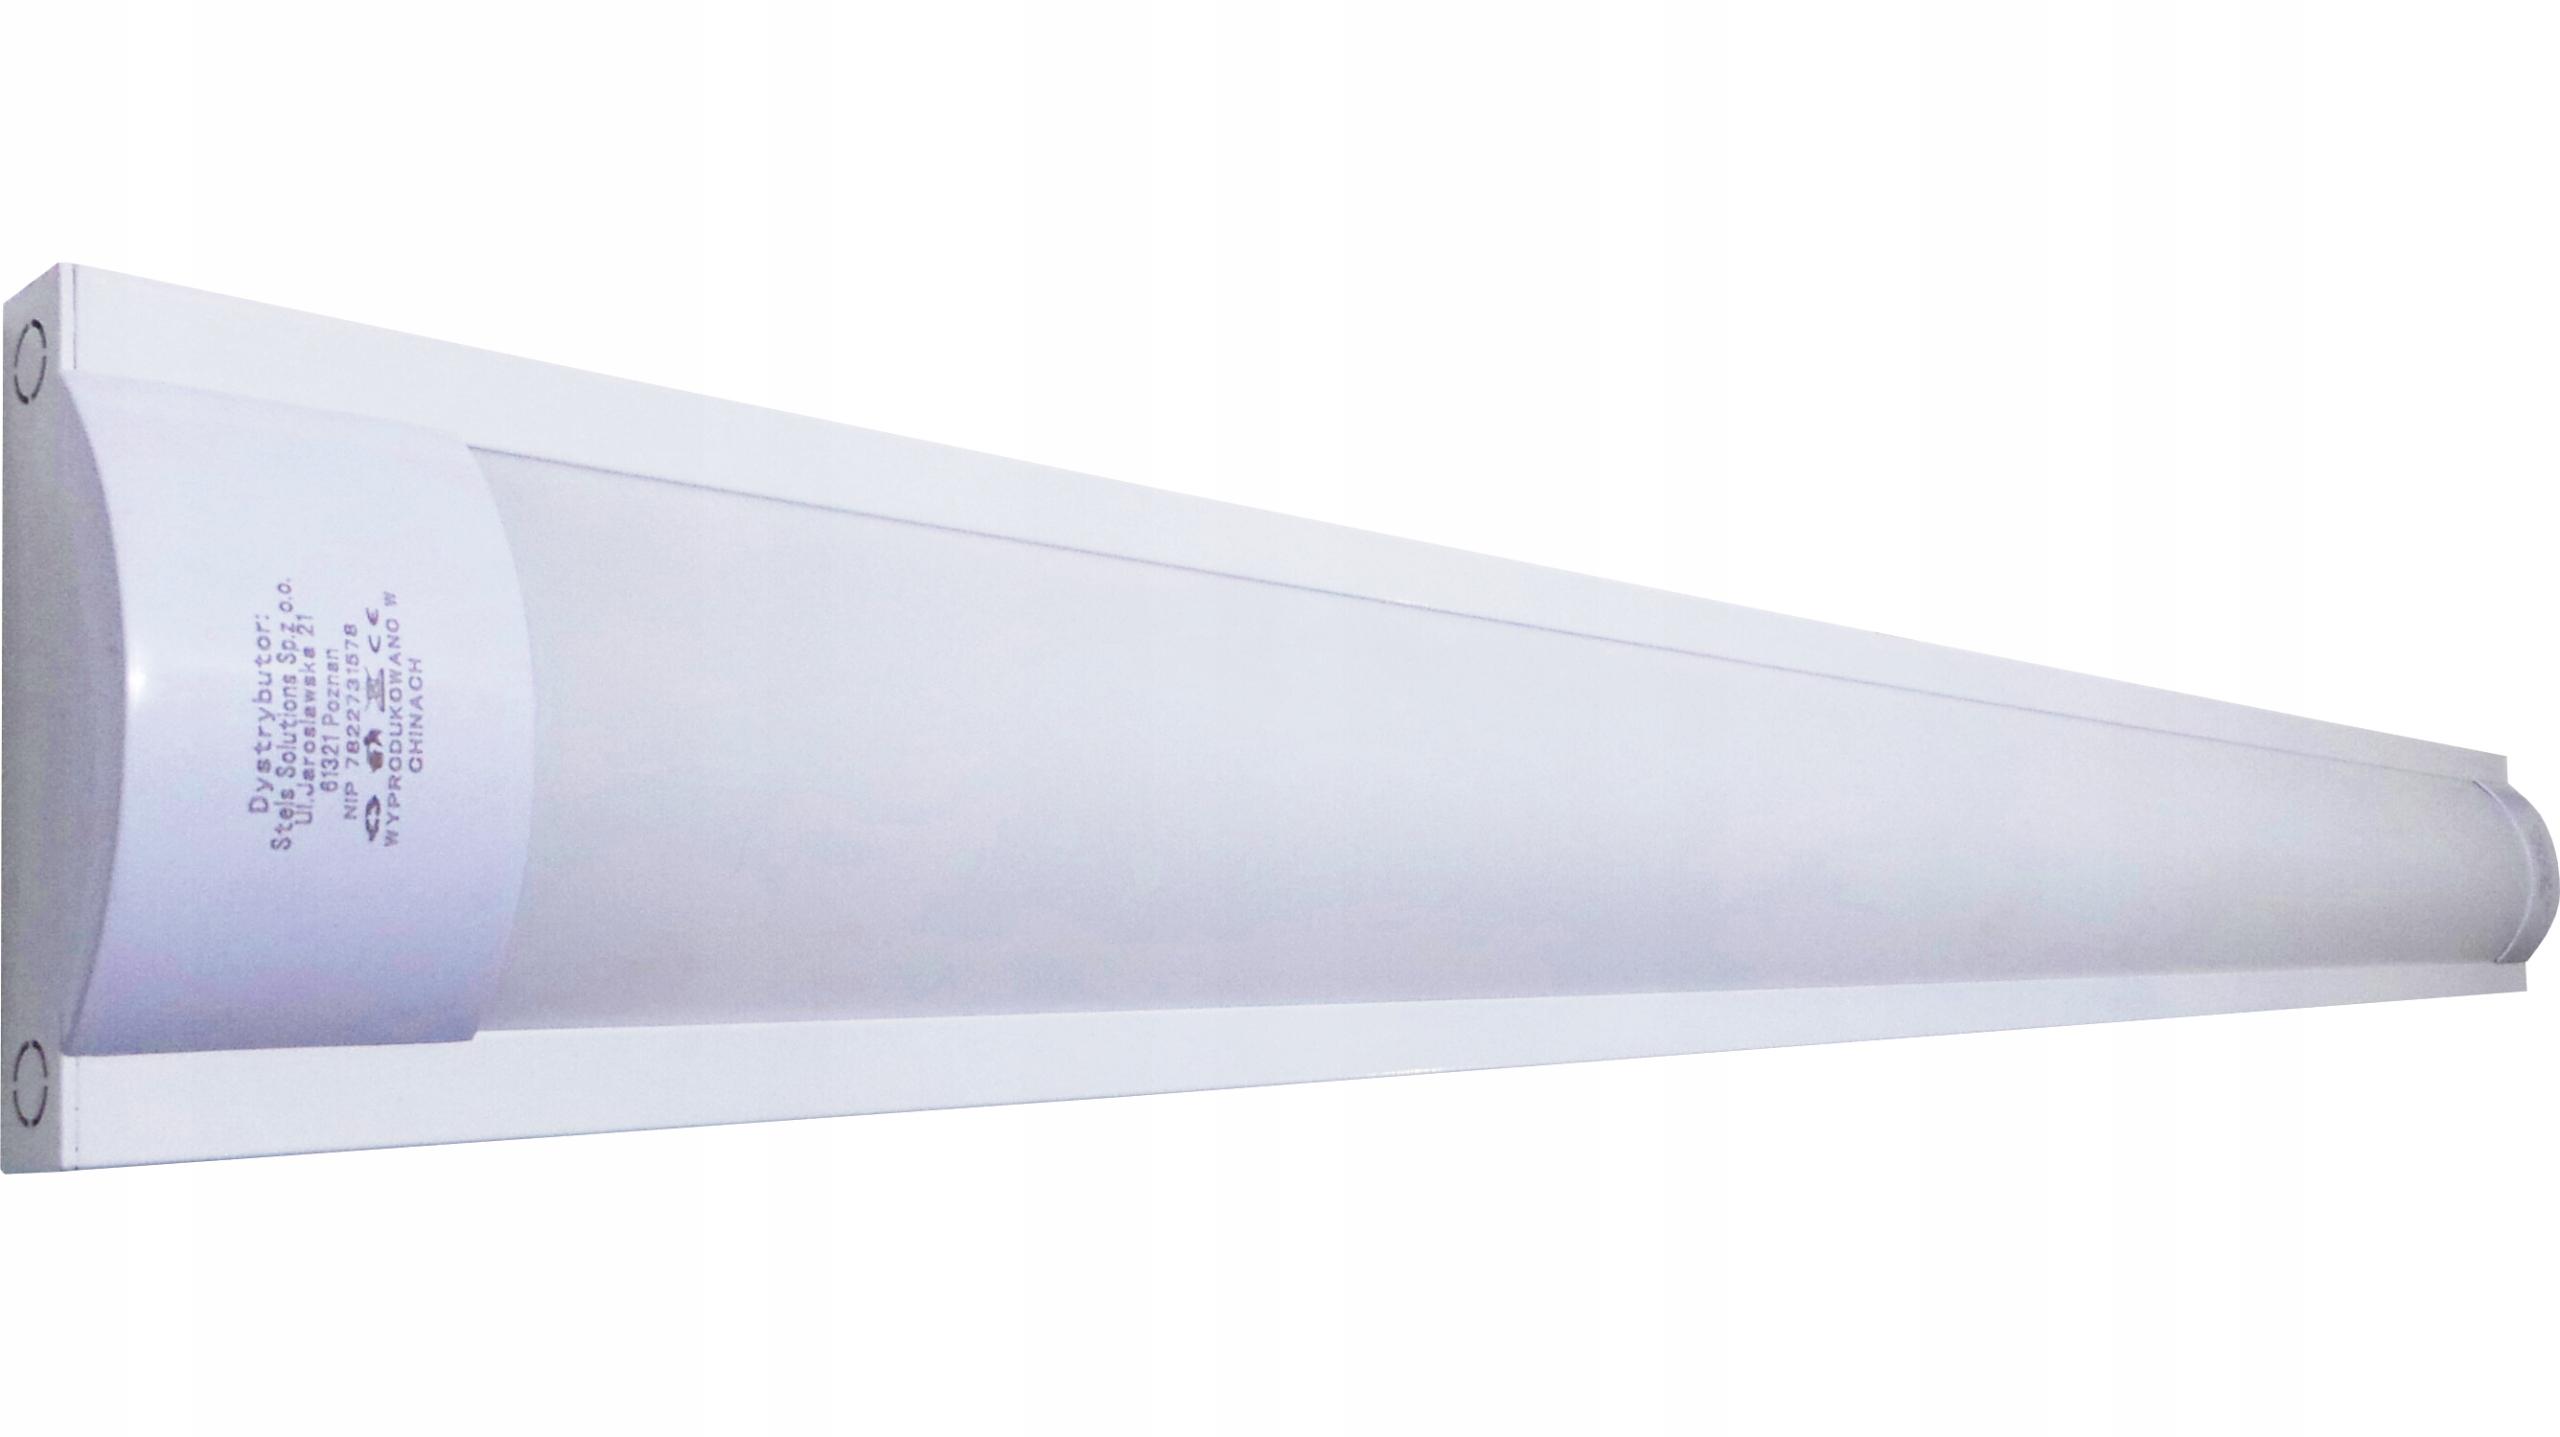 Lampa Led Do Garażu świetlówka 120w Biała 6500k 7789723876